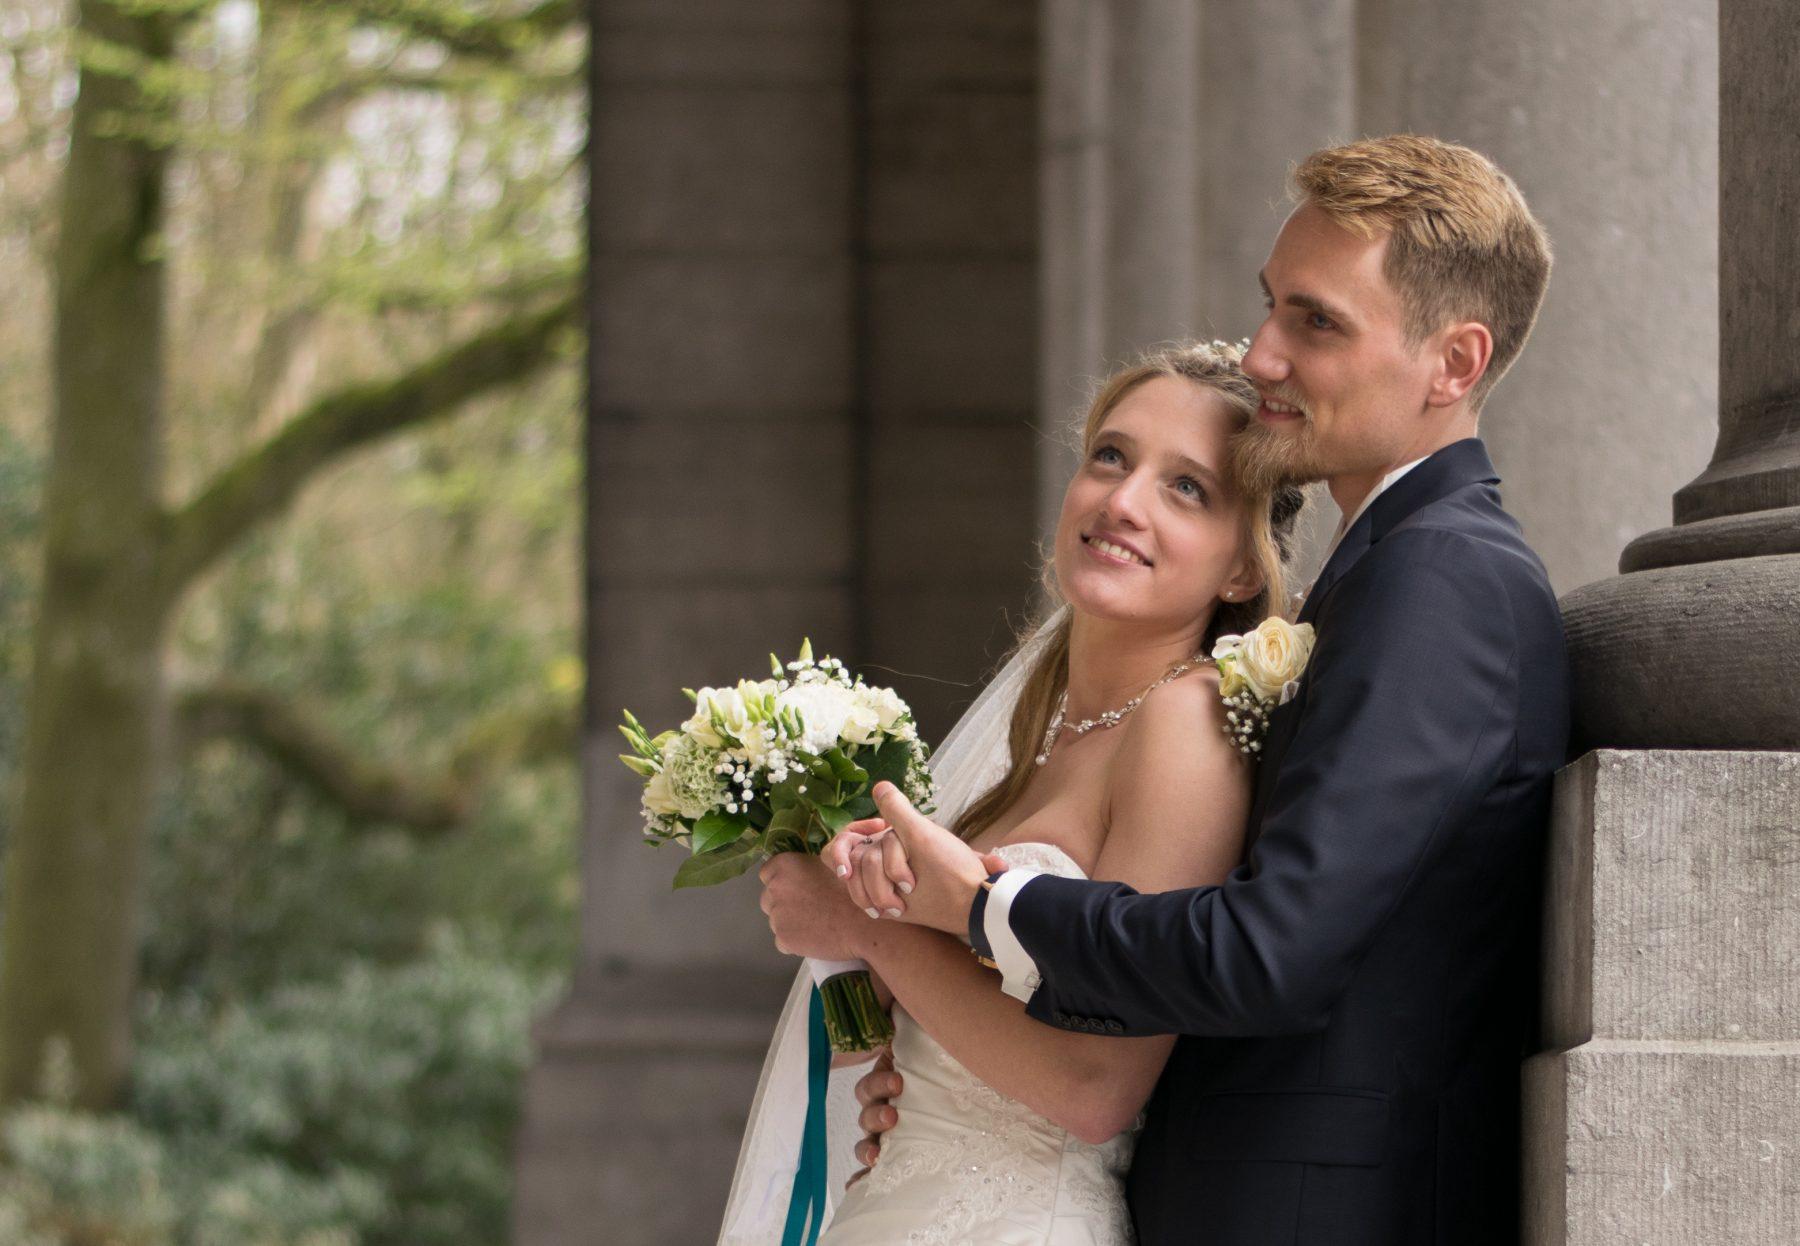 Photographe professionnel mariage-Blog photo